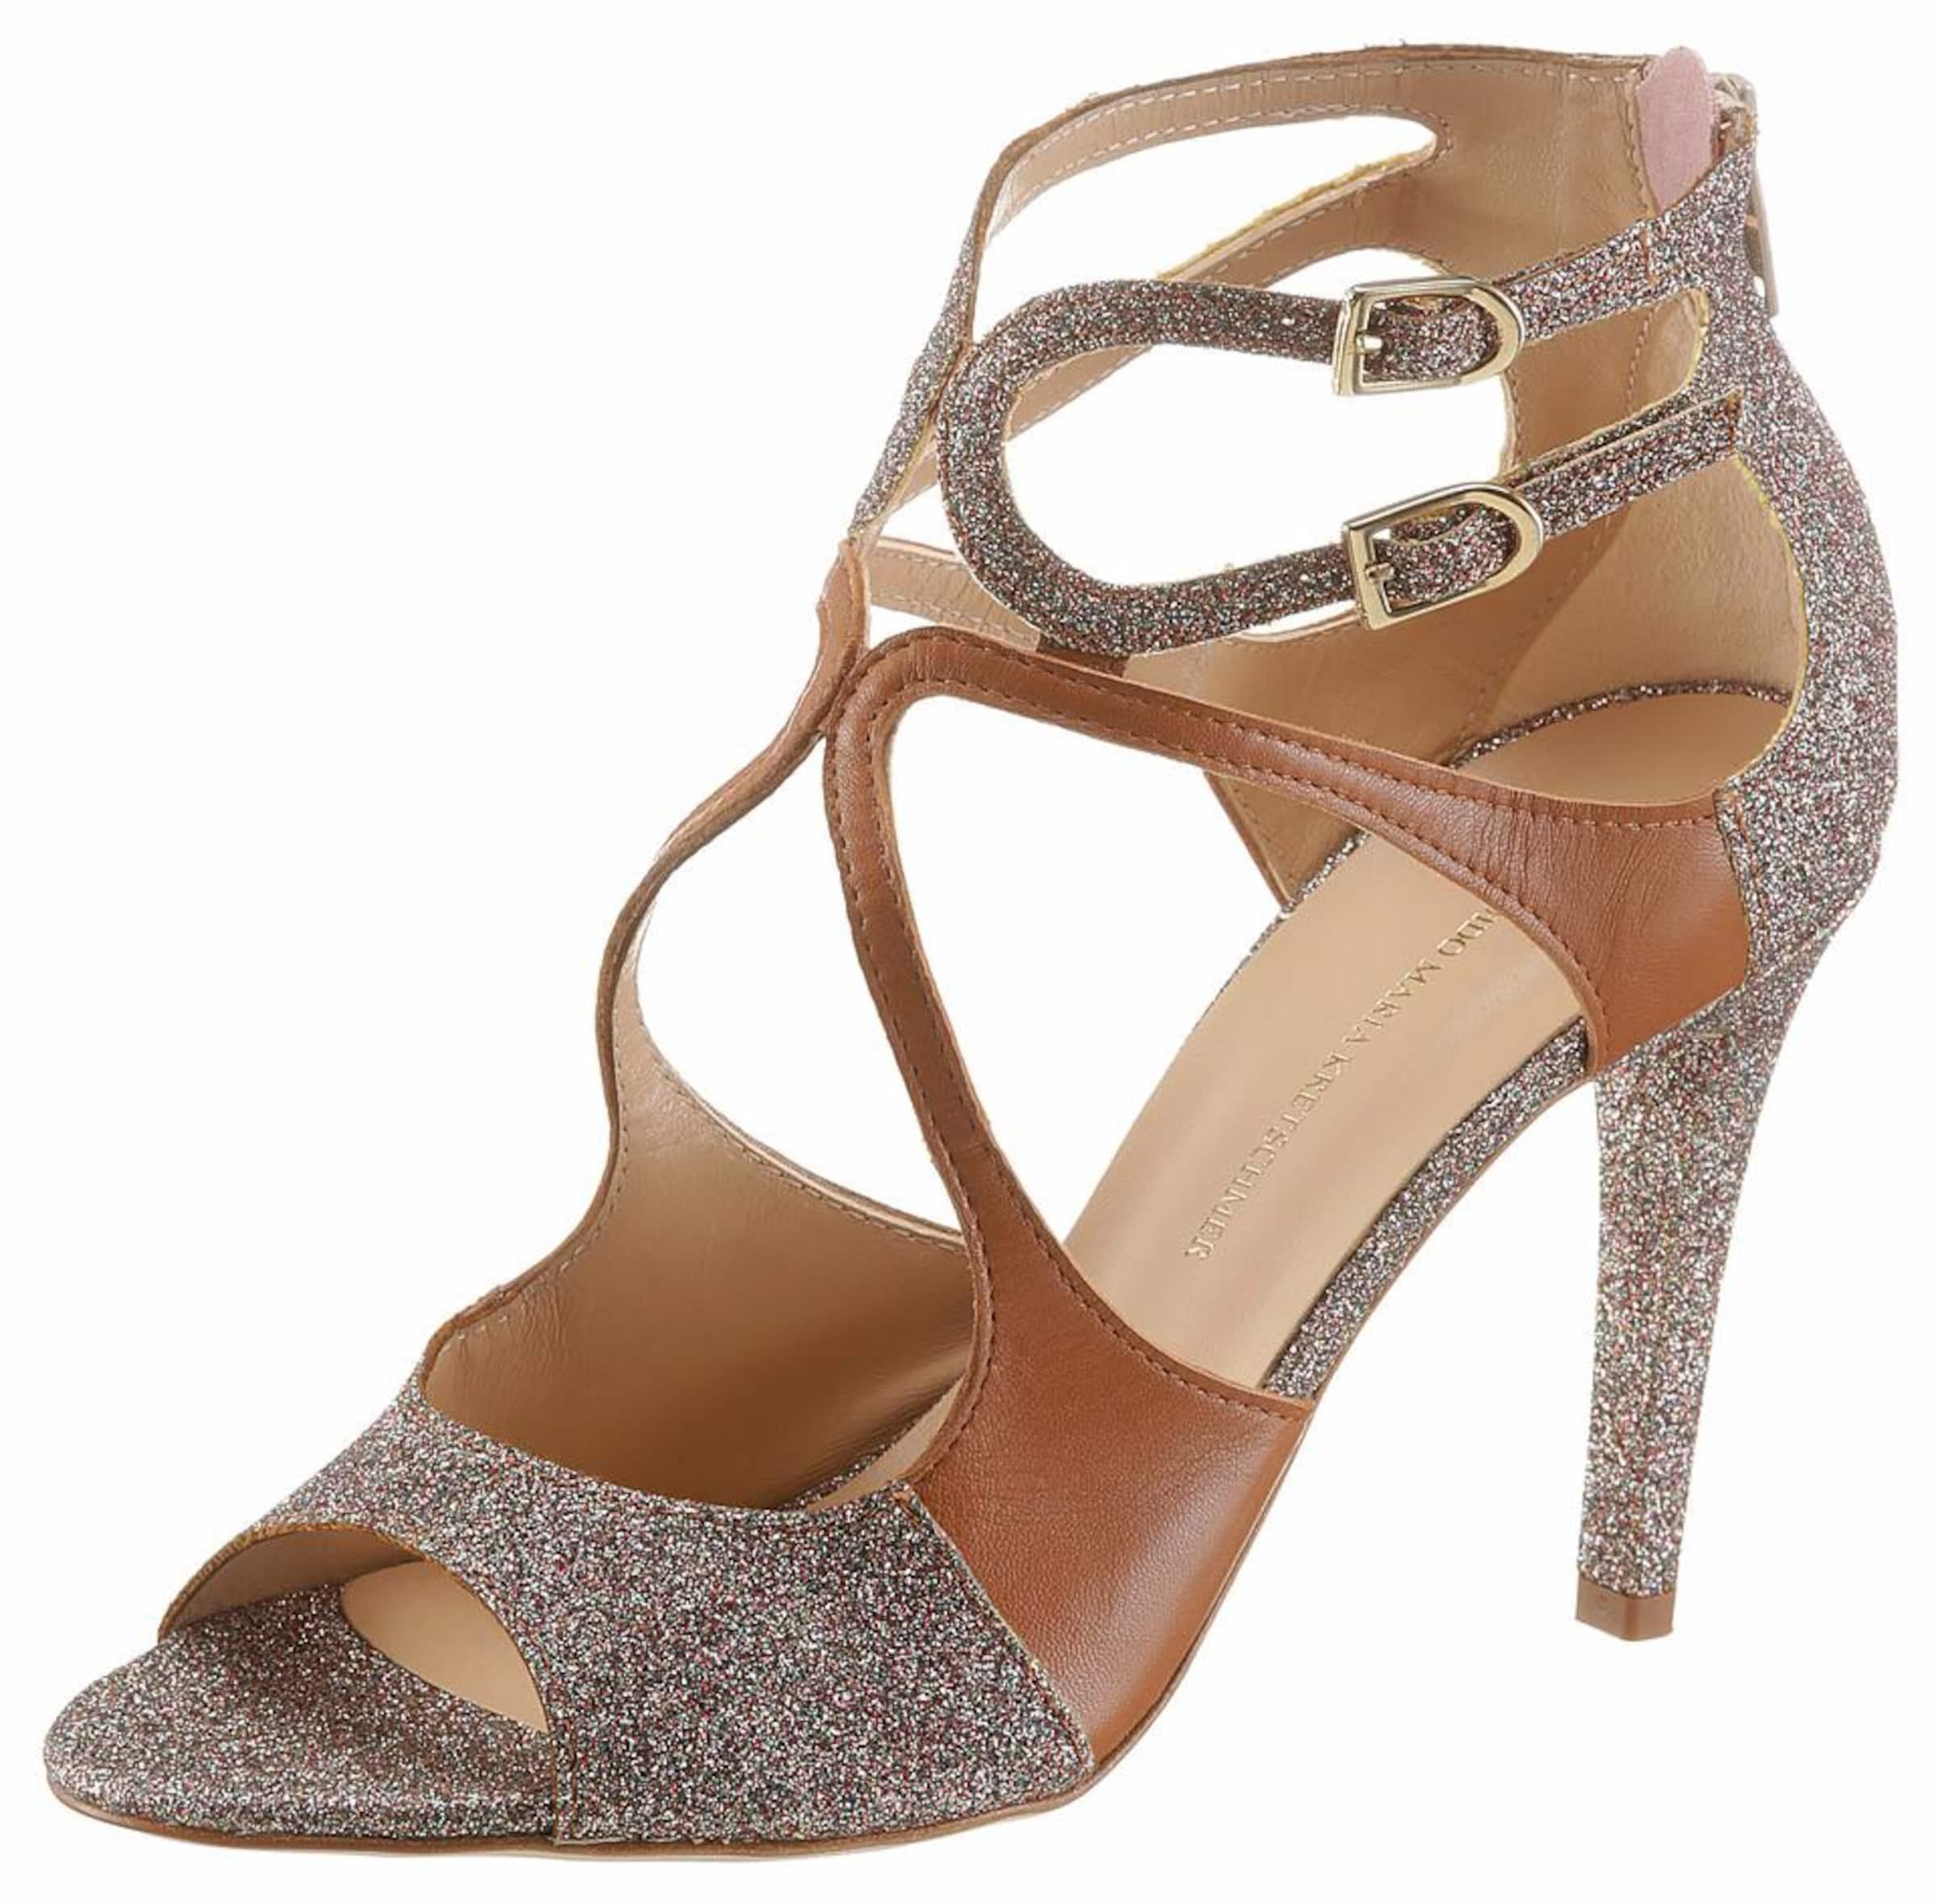 Haltbare Mode billige Schuhe Guido Maria Kretschmer | Riemchensandalette Schuhe Gut getragene Schuhe